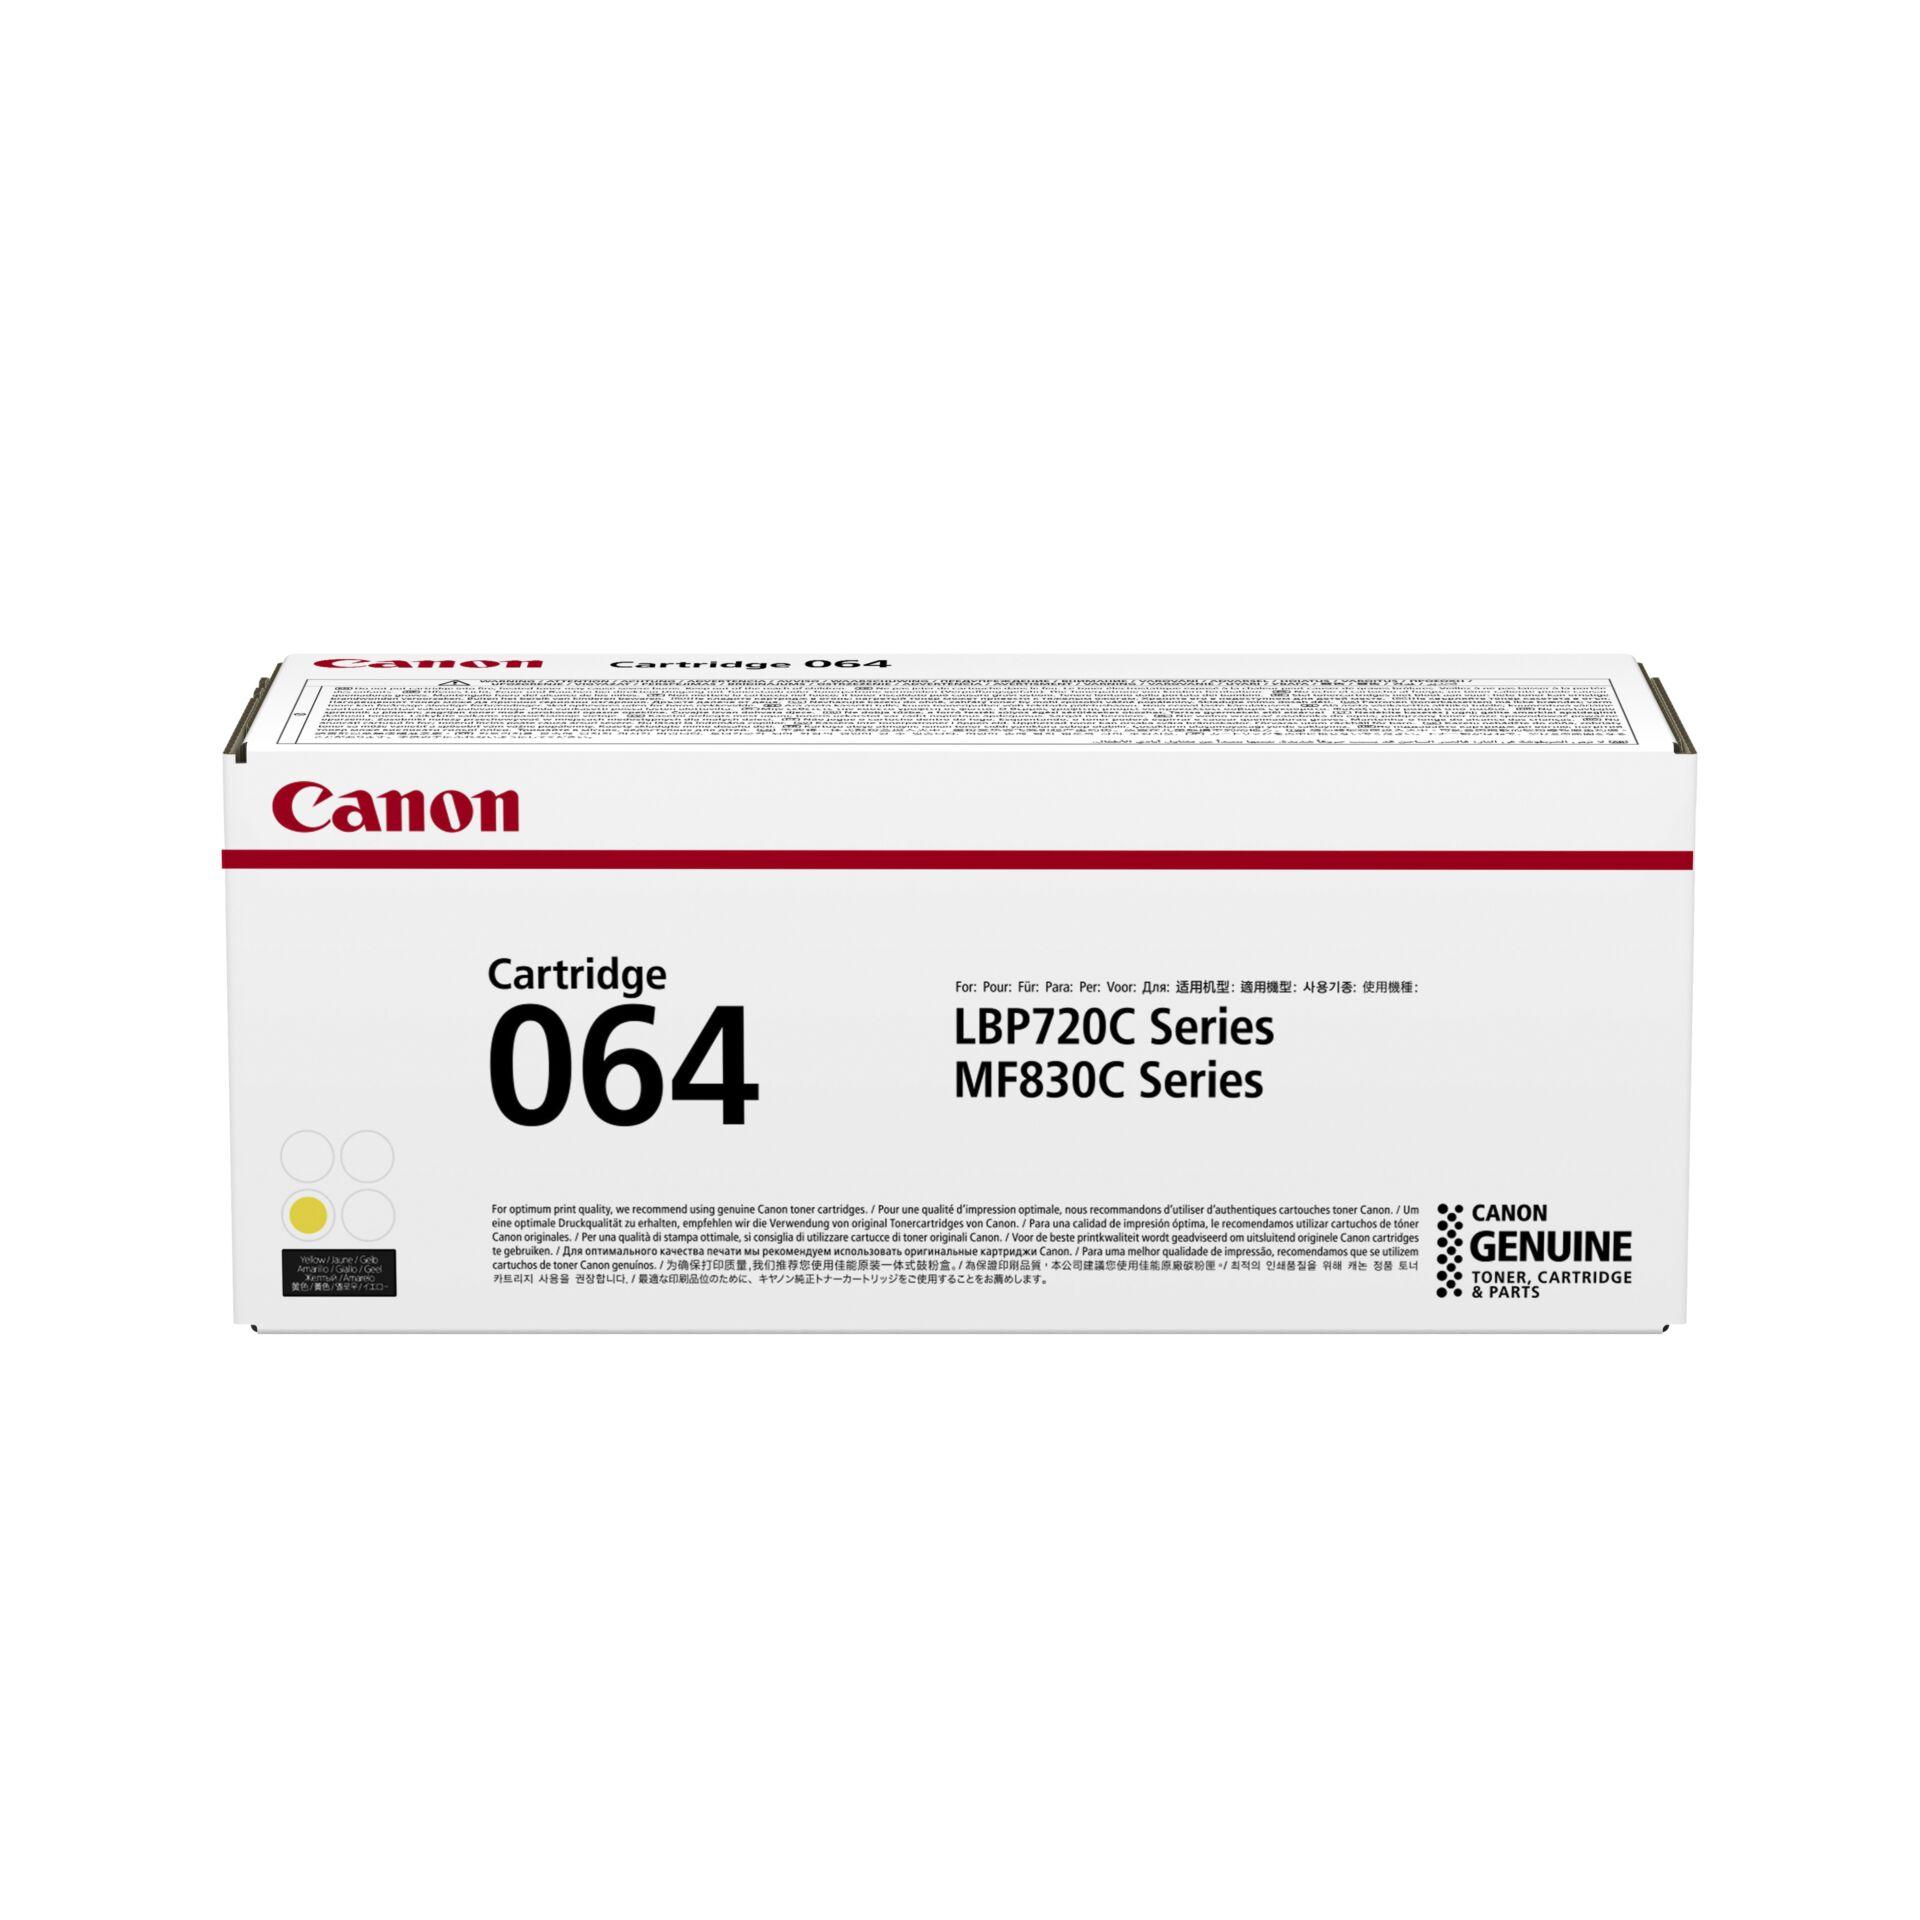 Canon Toner Cartridge 064 Y yellow